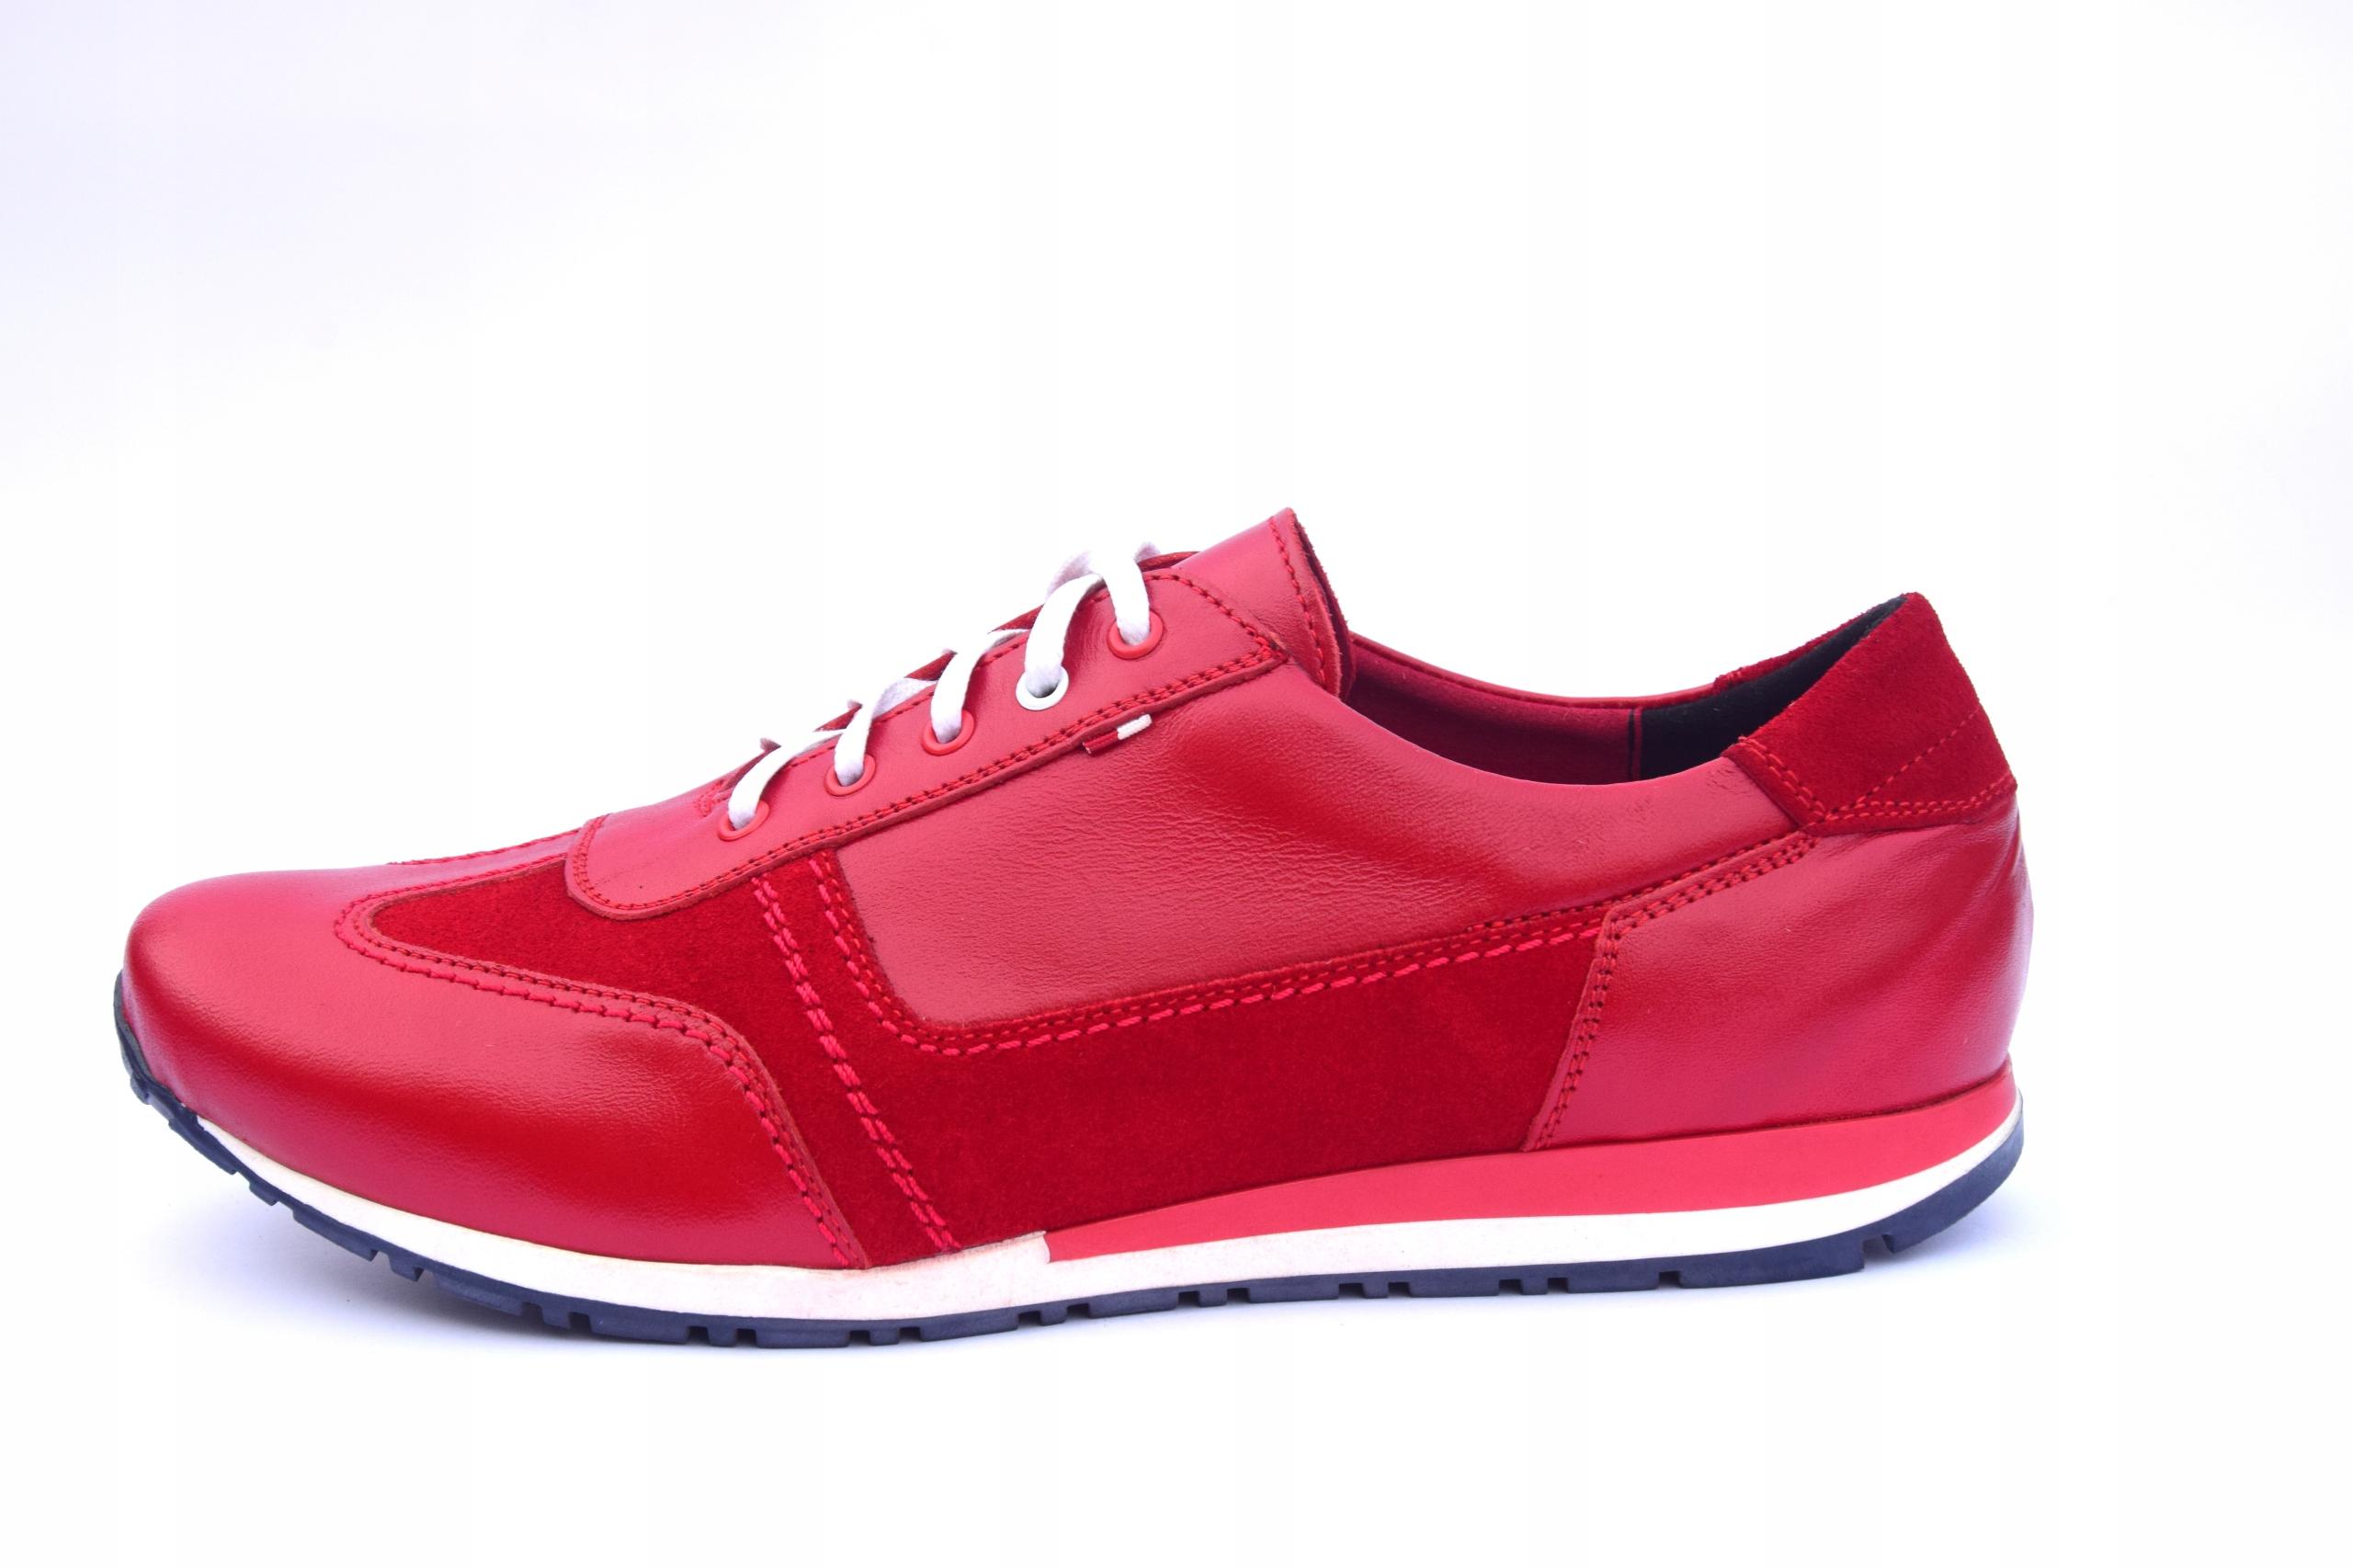 Buty skórzane czerwone obuwie ze skóry PL 294 Oryginalne opakowanie producenta pudełko